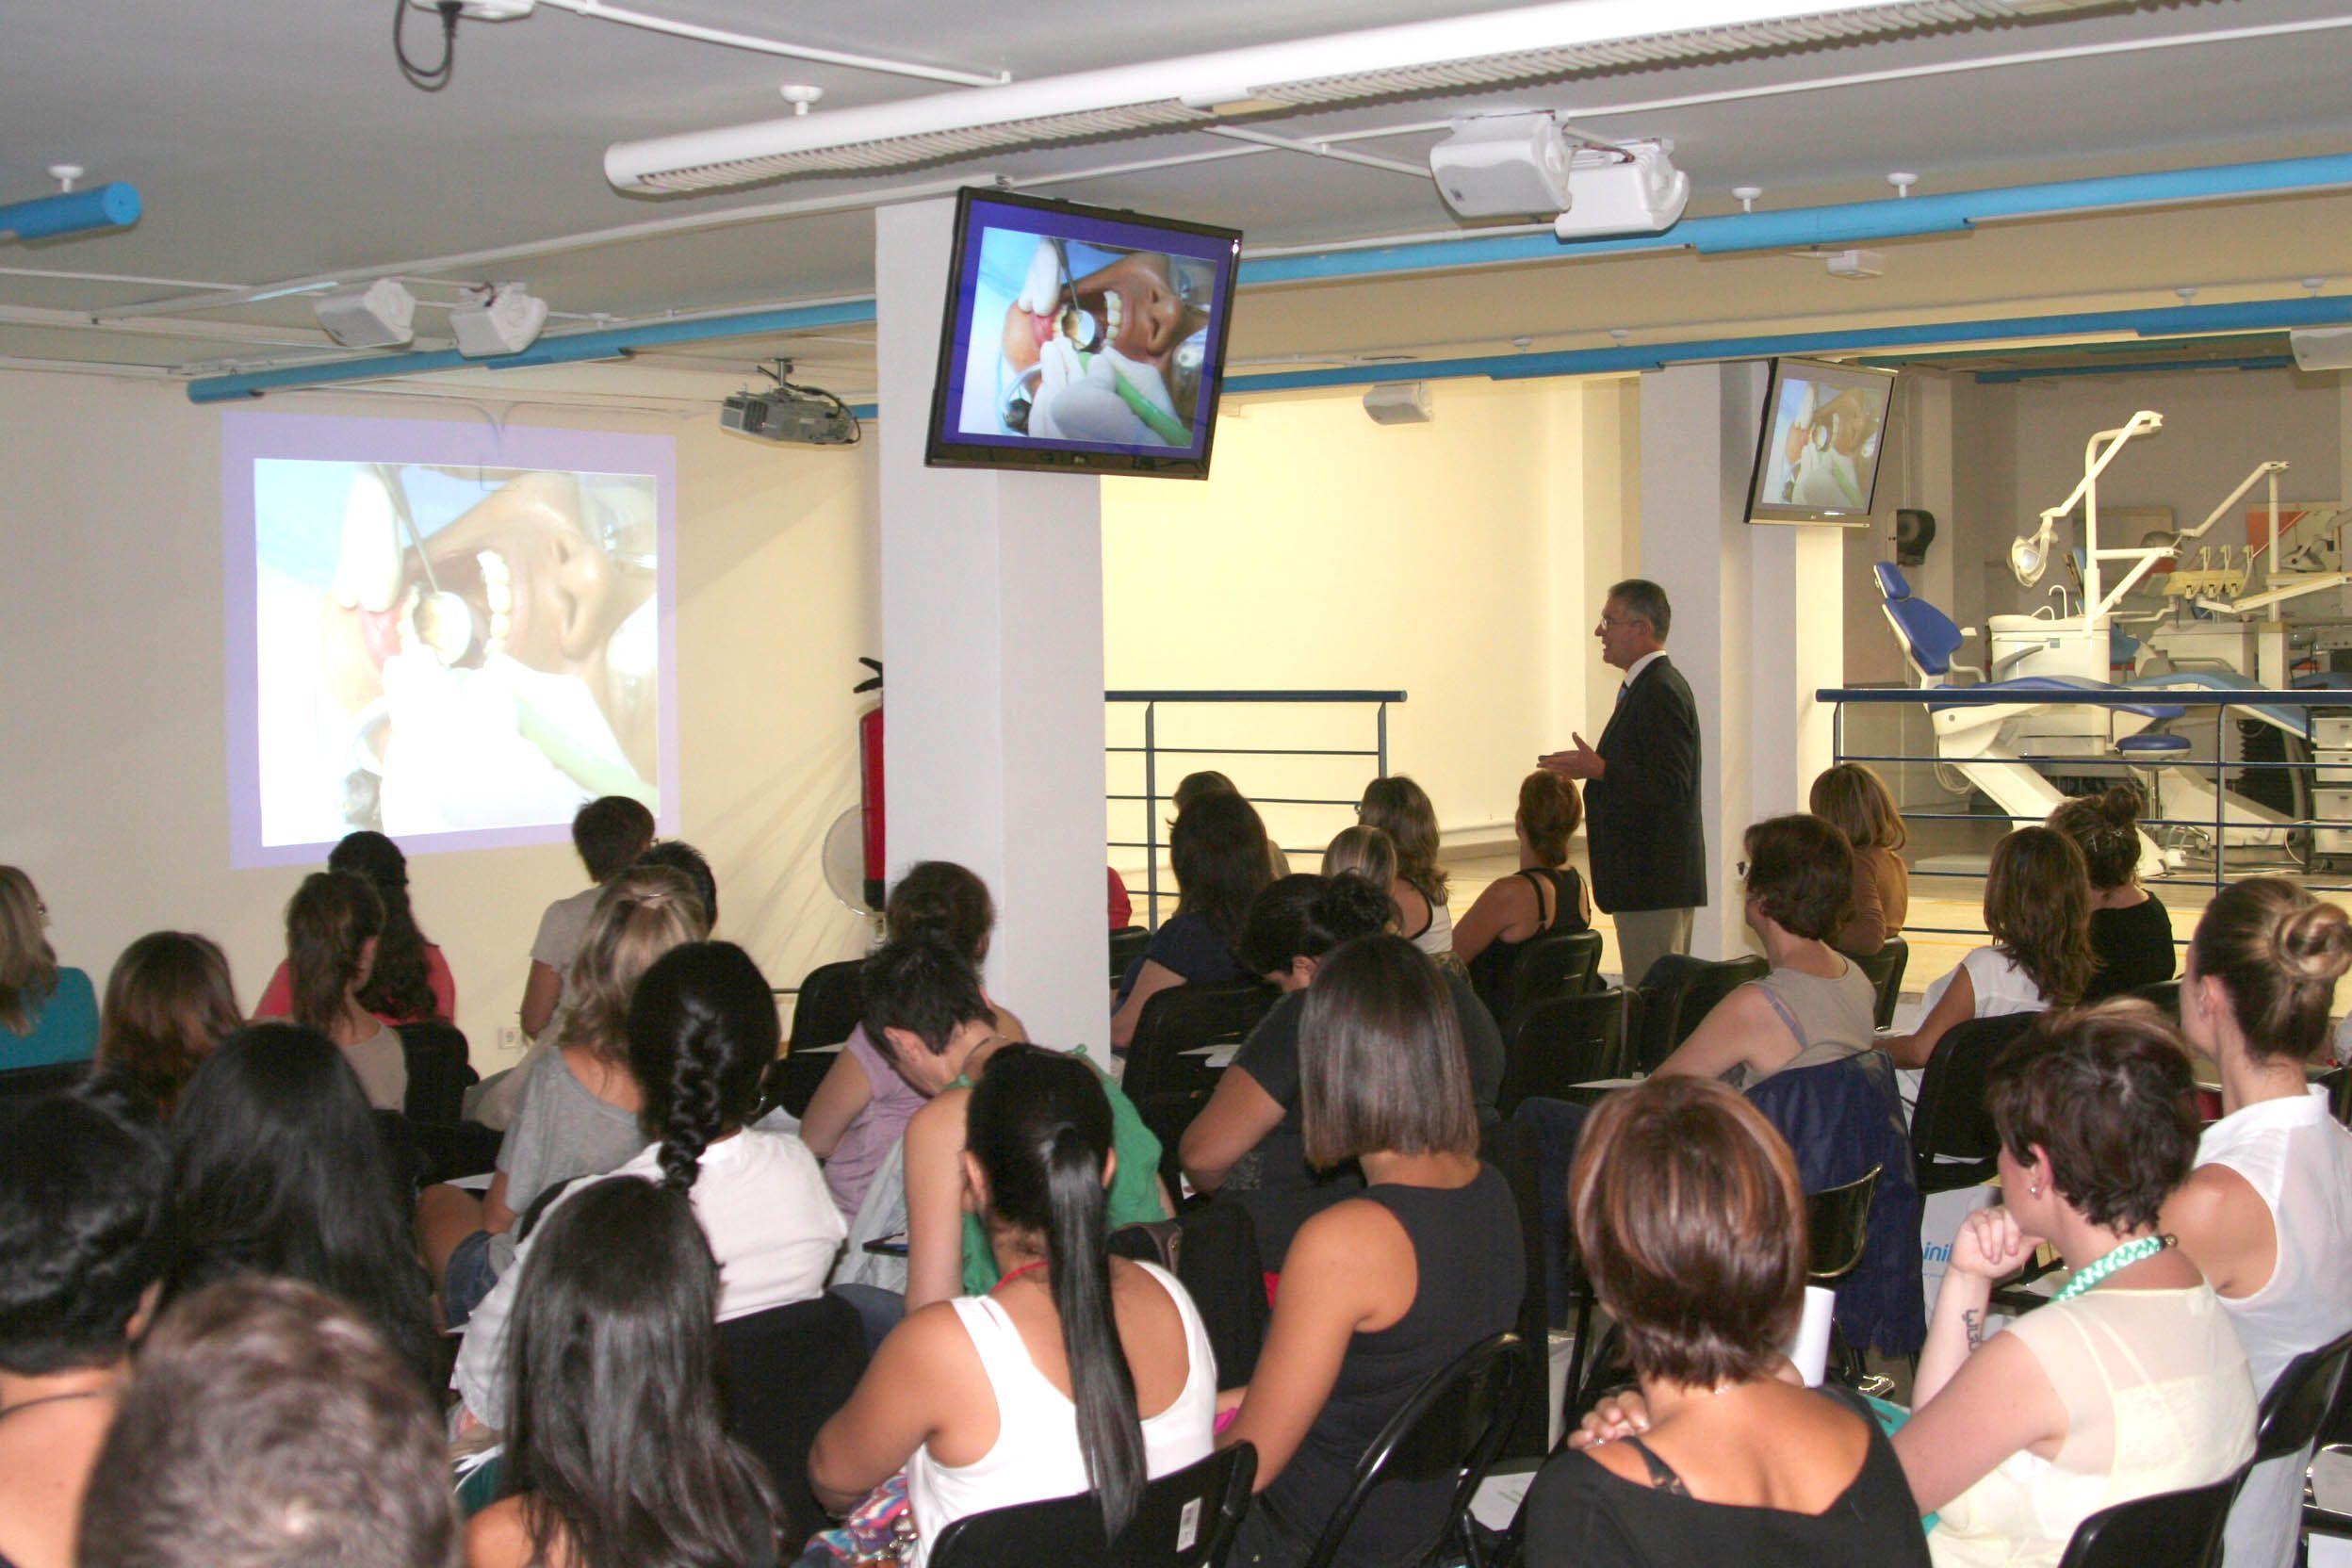 """¡Segunda parte del curso! Tras un breve descanso, el Dr. Vicente Lozano sigue impartiendo el curso patrocinado por INIBSA """"Tratamiento de las infecciones cruzadas en la clínica odontológica""""."""